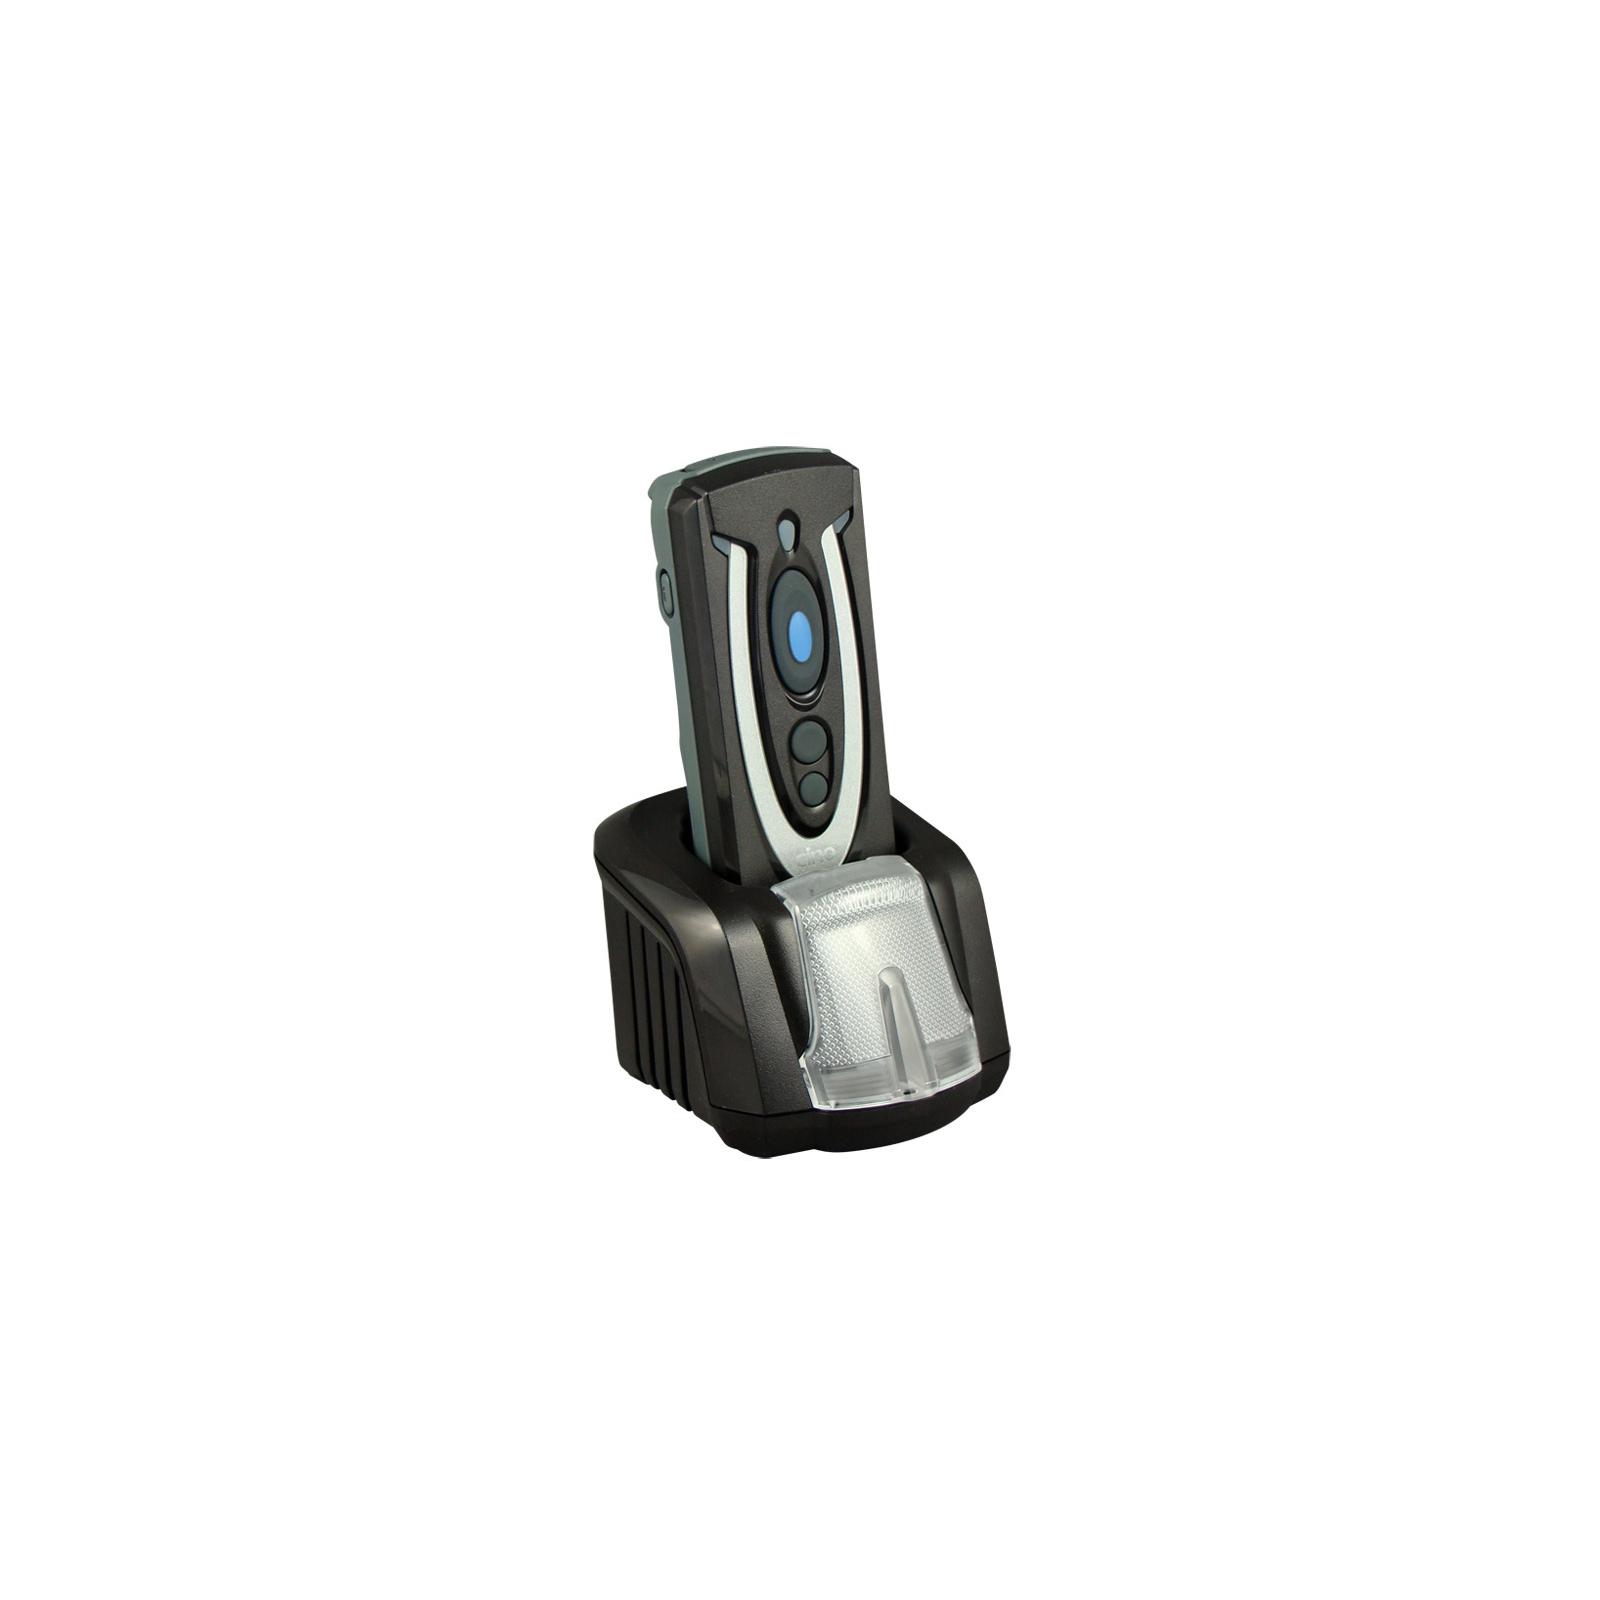 Сканер штрих-кода Cino PF680BT-BSS Black (9585) изображение 3